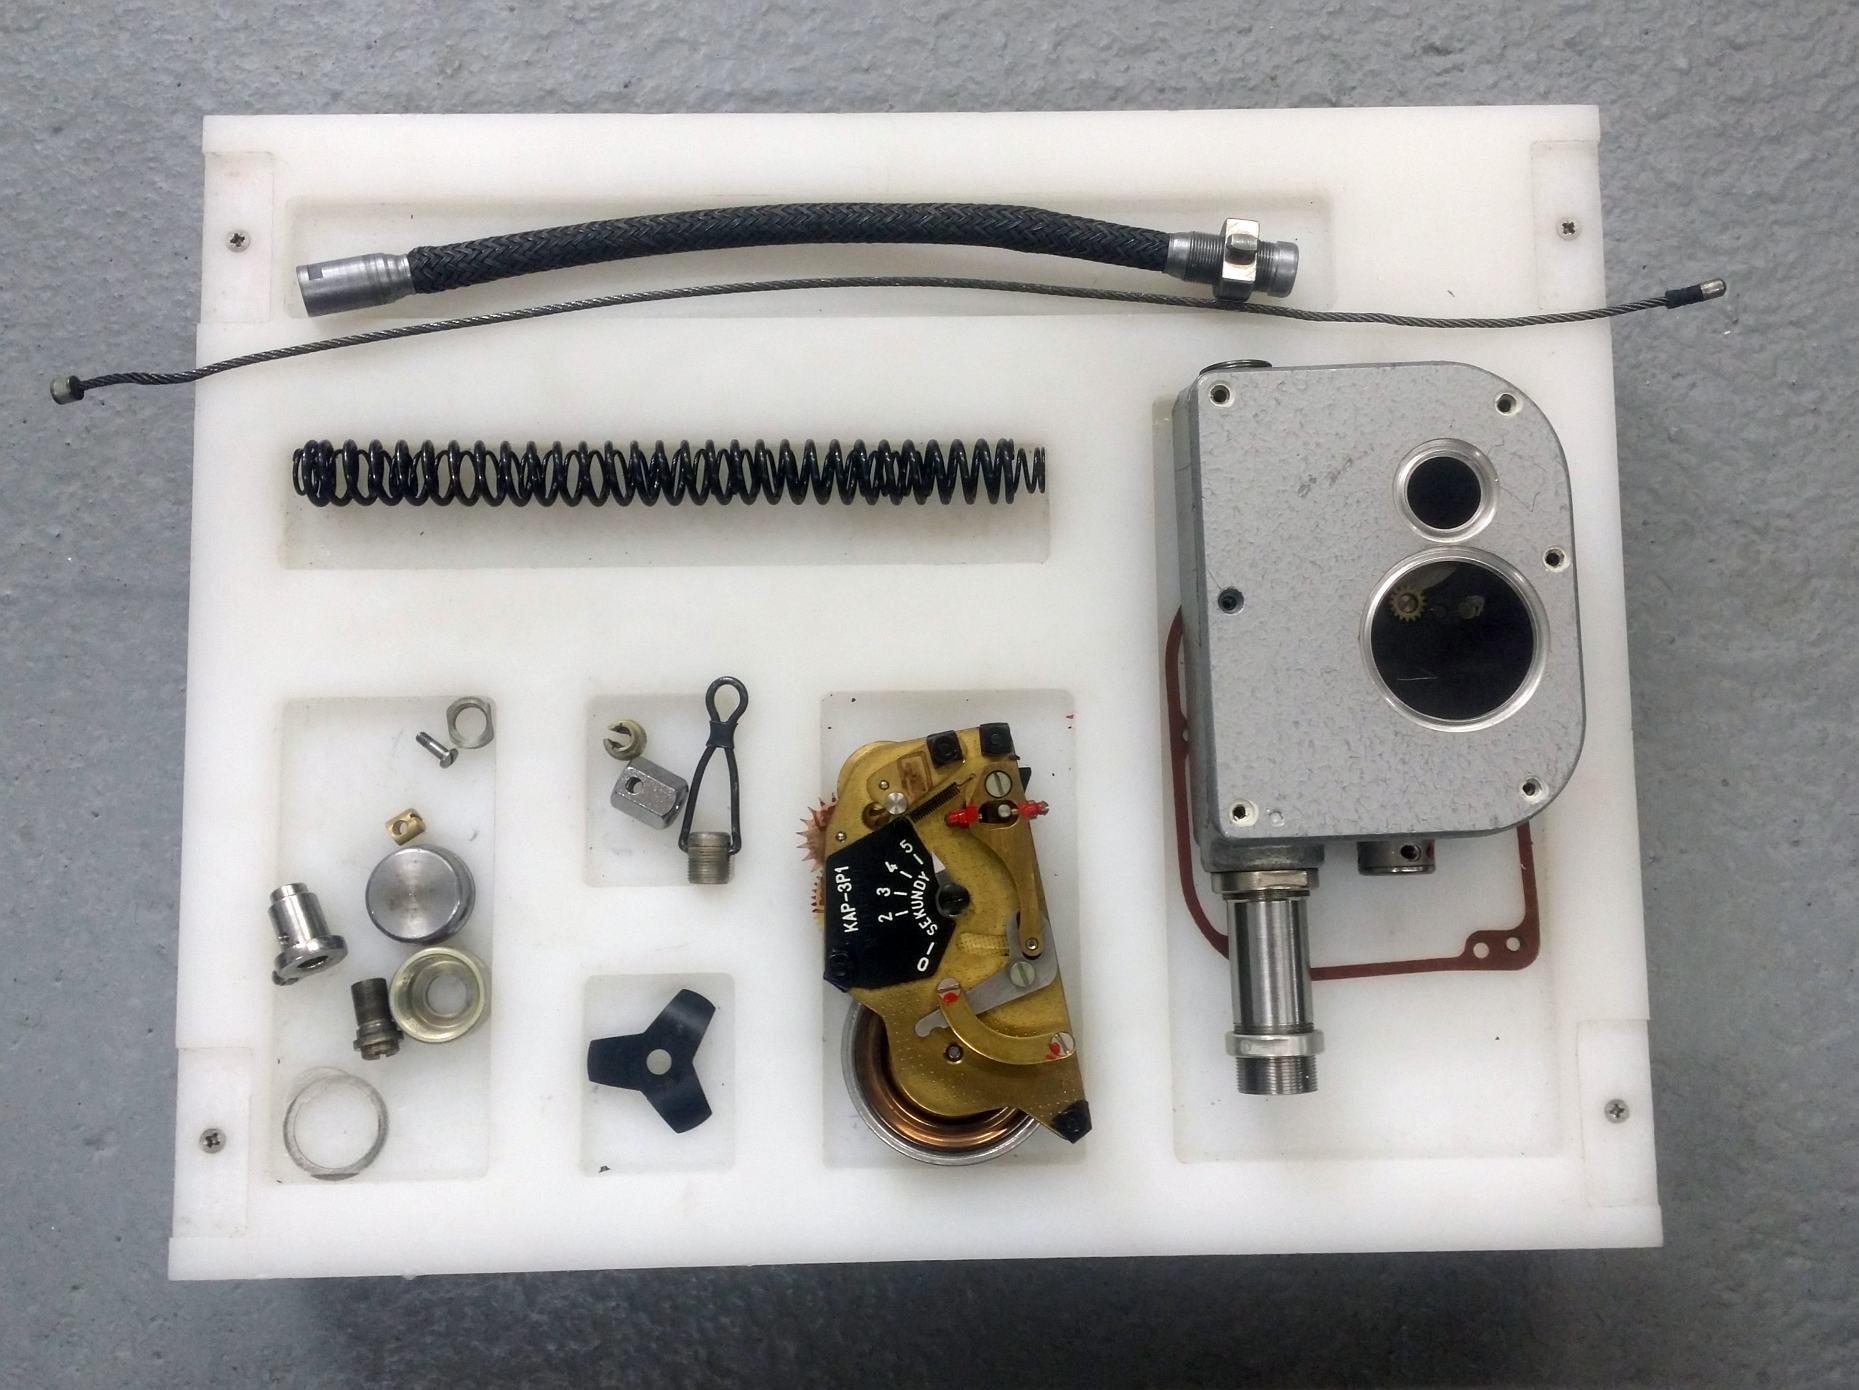 Obsługa automatu KAP-3P1 - automat przygotowany do przeglądu